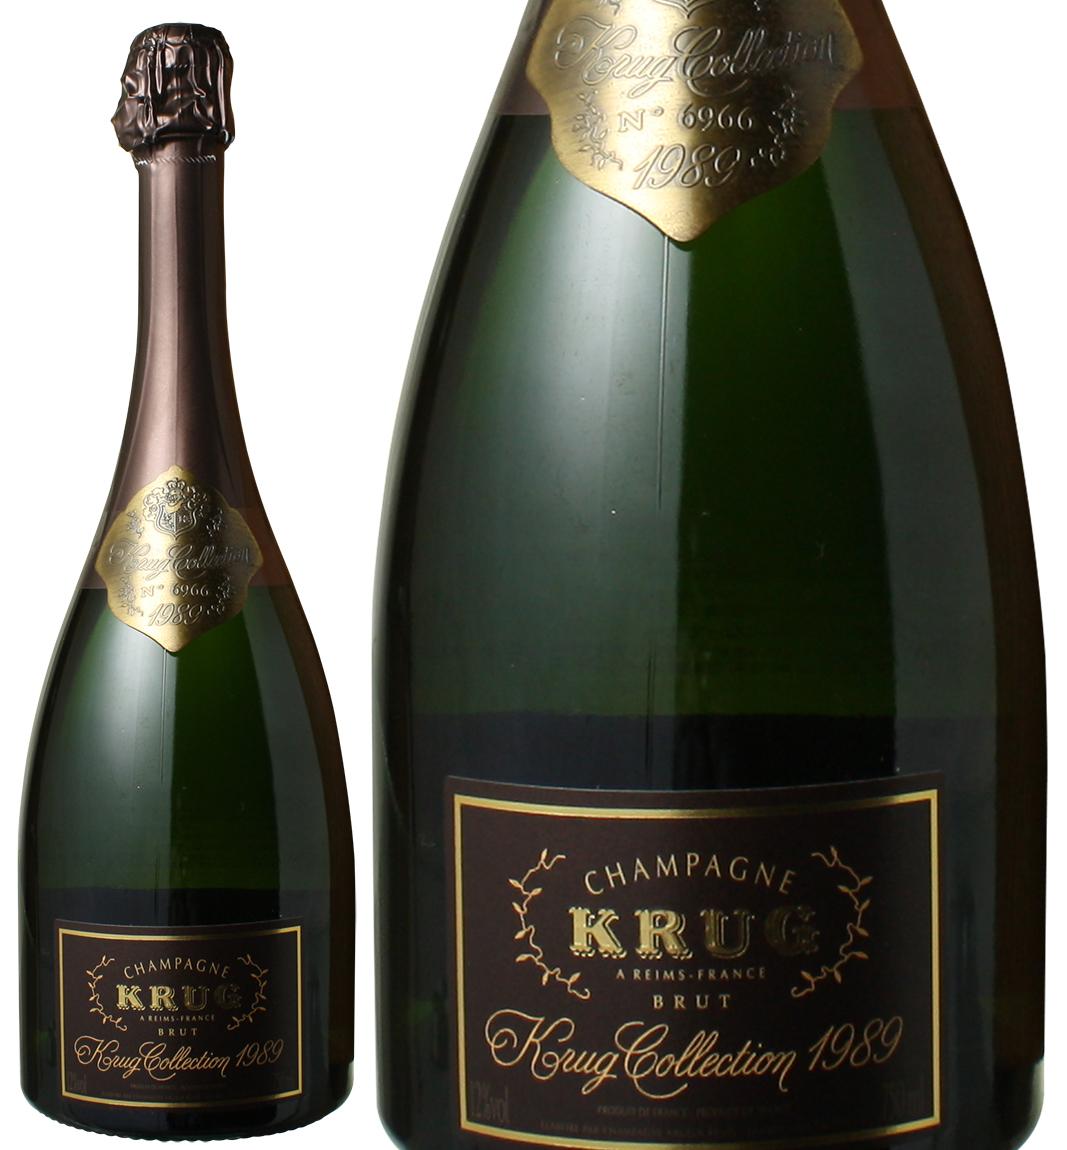 クリュッグ コレクション [1989] <白> <ワイン/シャンパン>